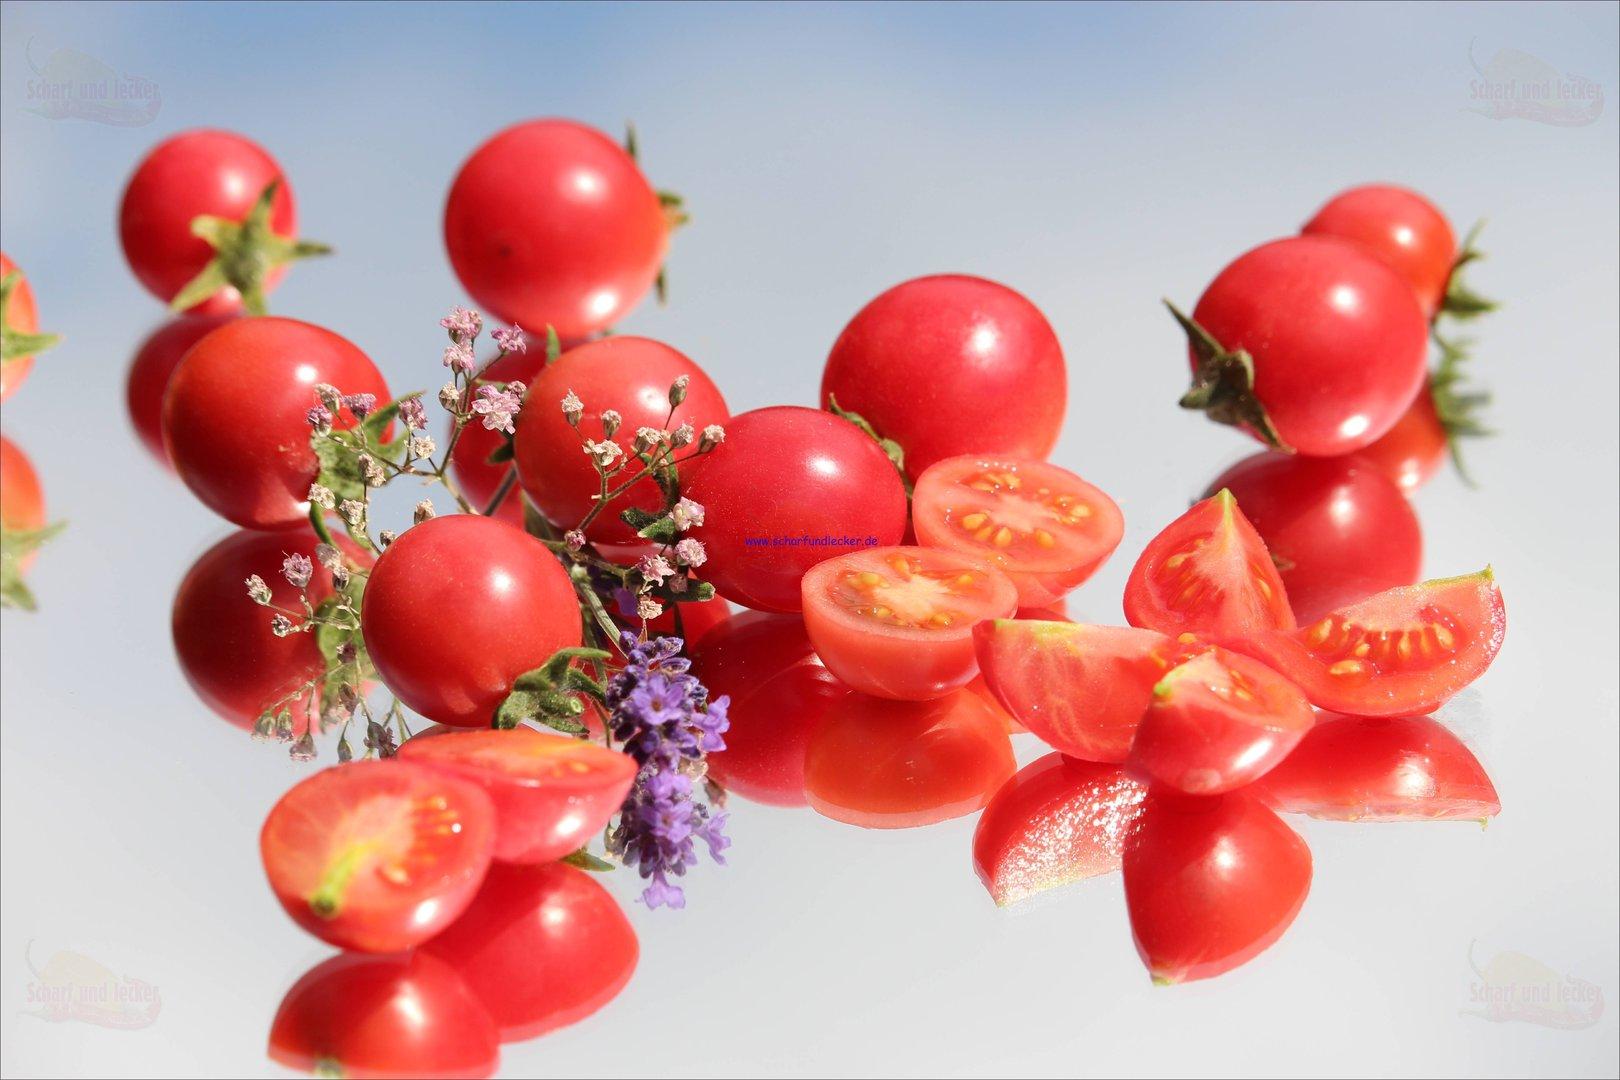 Frankreich ertragreich Kirschtomate a Tomatensamen: Cherrytomate Cerises 13